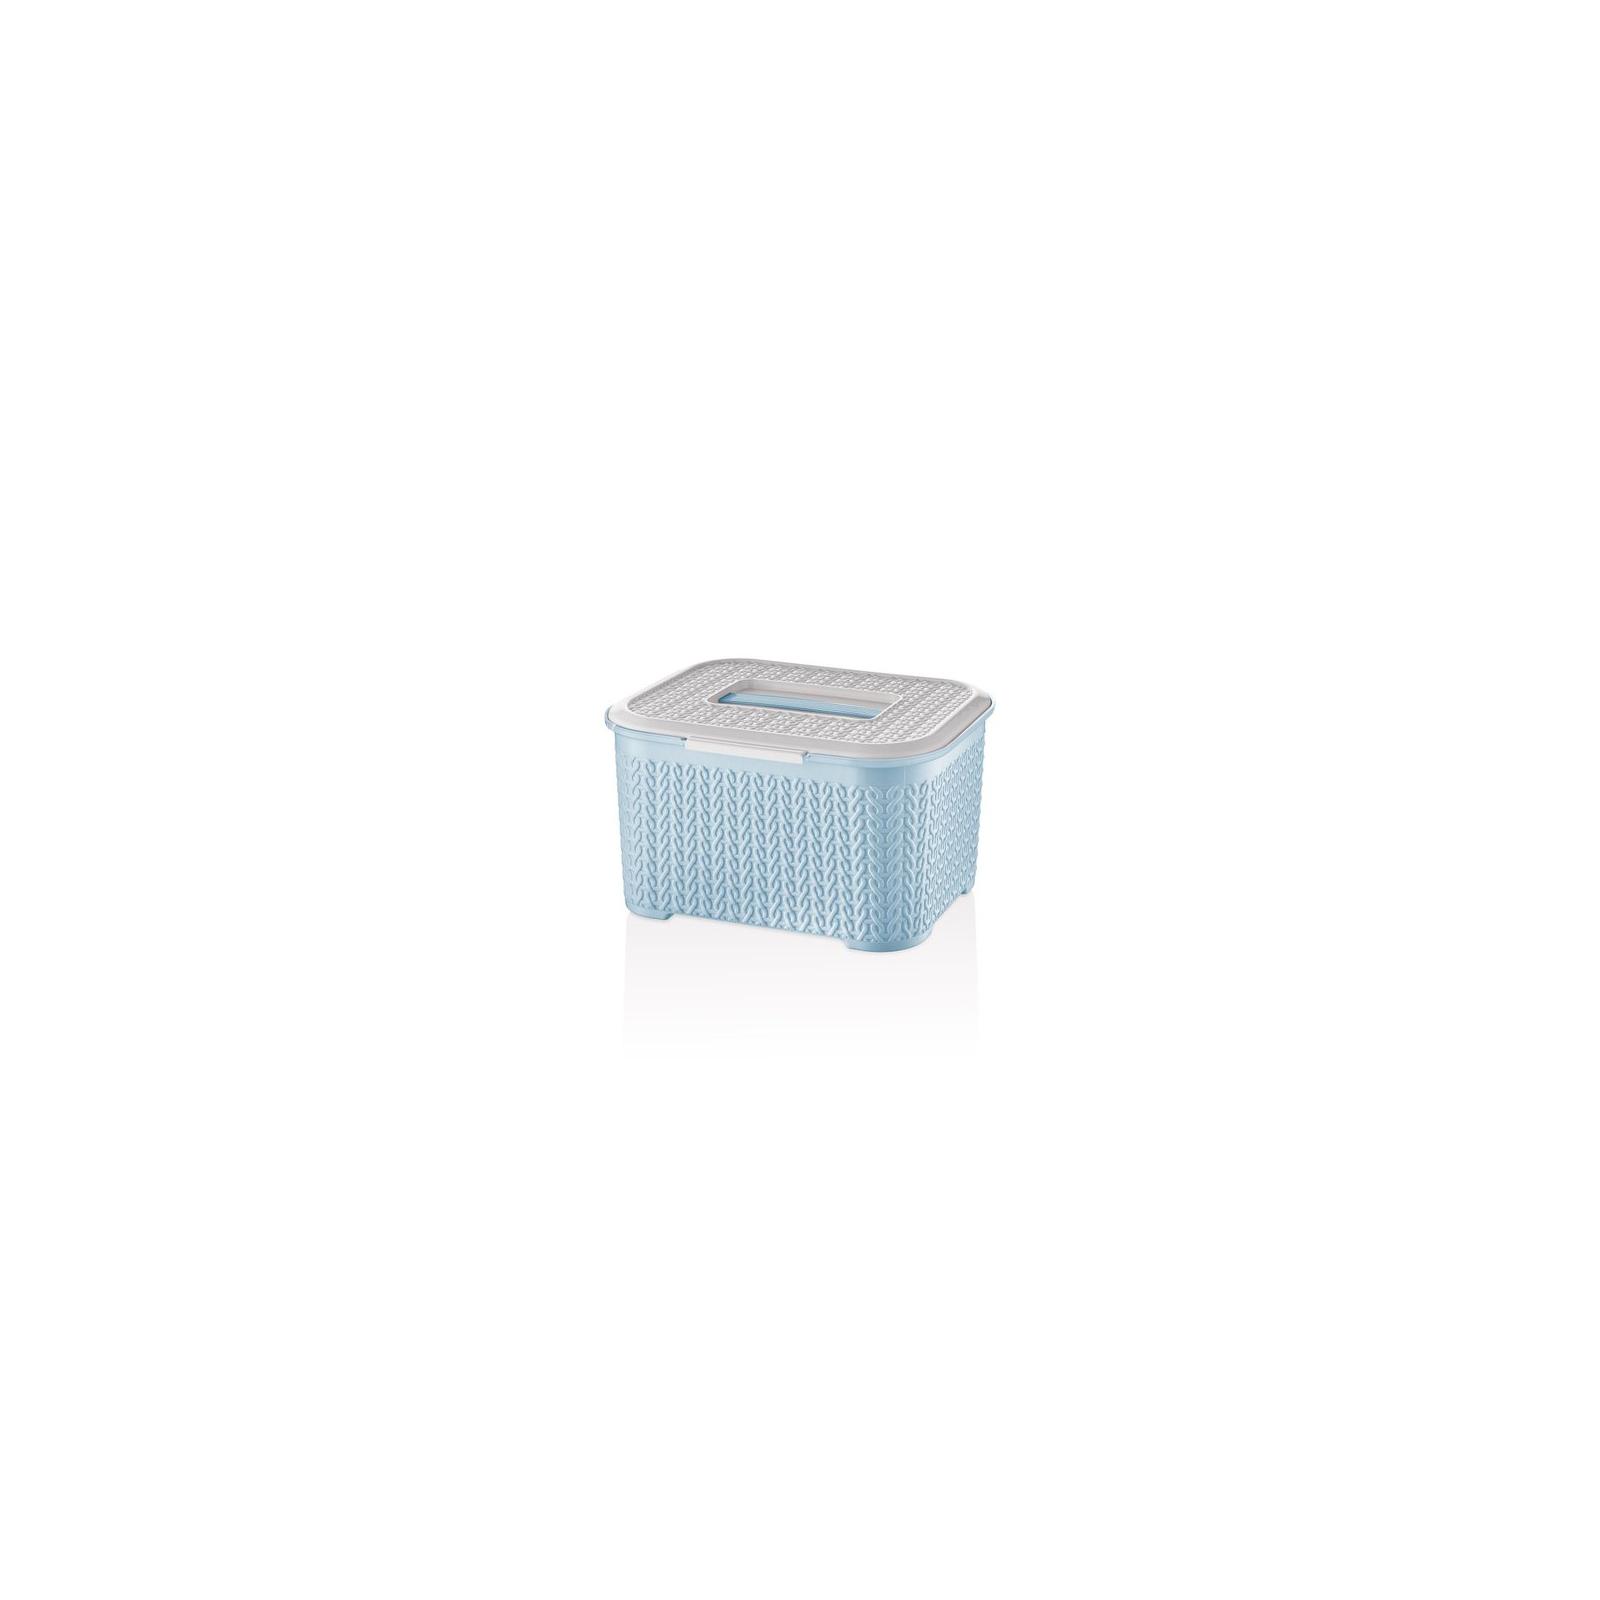 Пищевой контейнер Bager Bella 4 л Blue (BG-461 B)